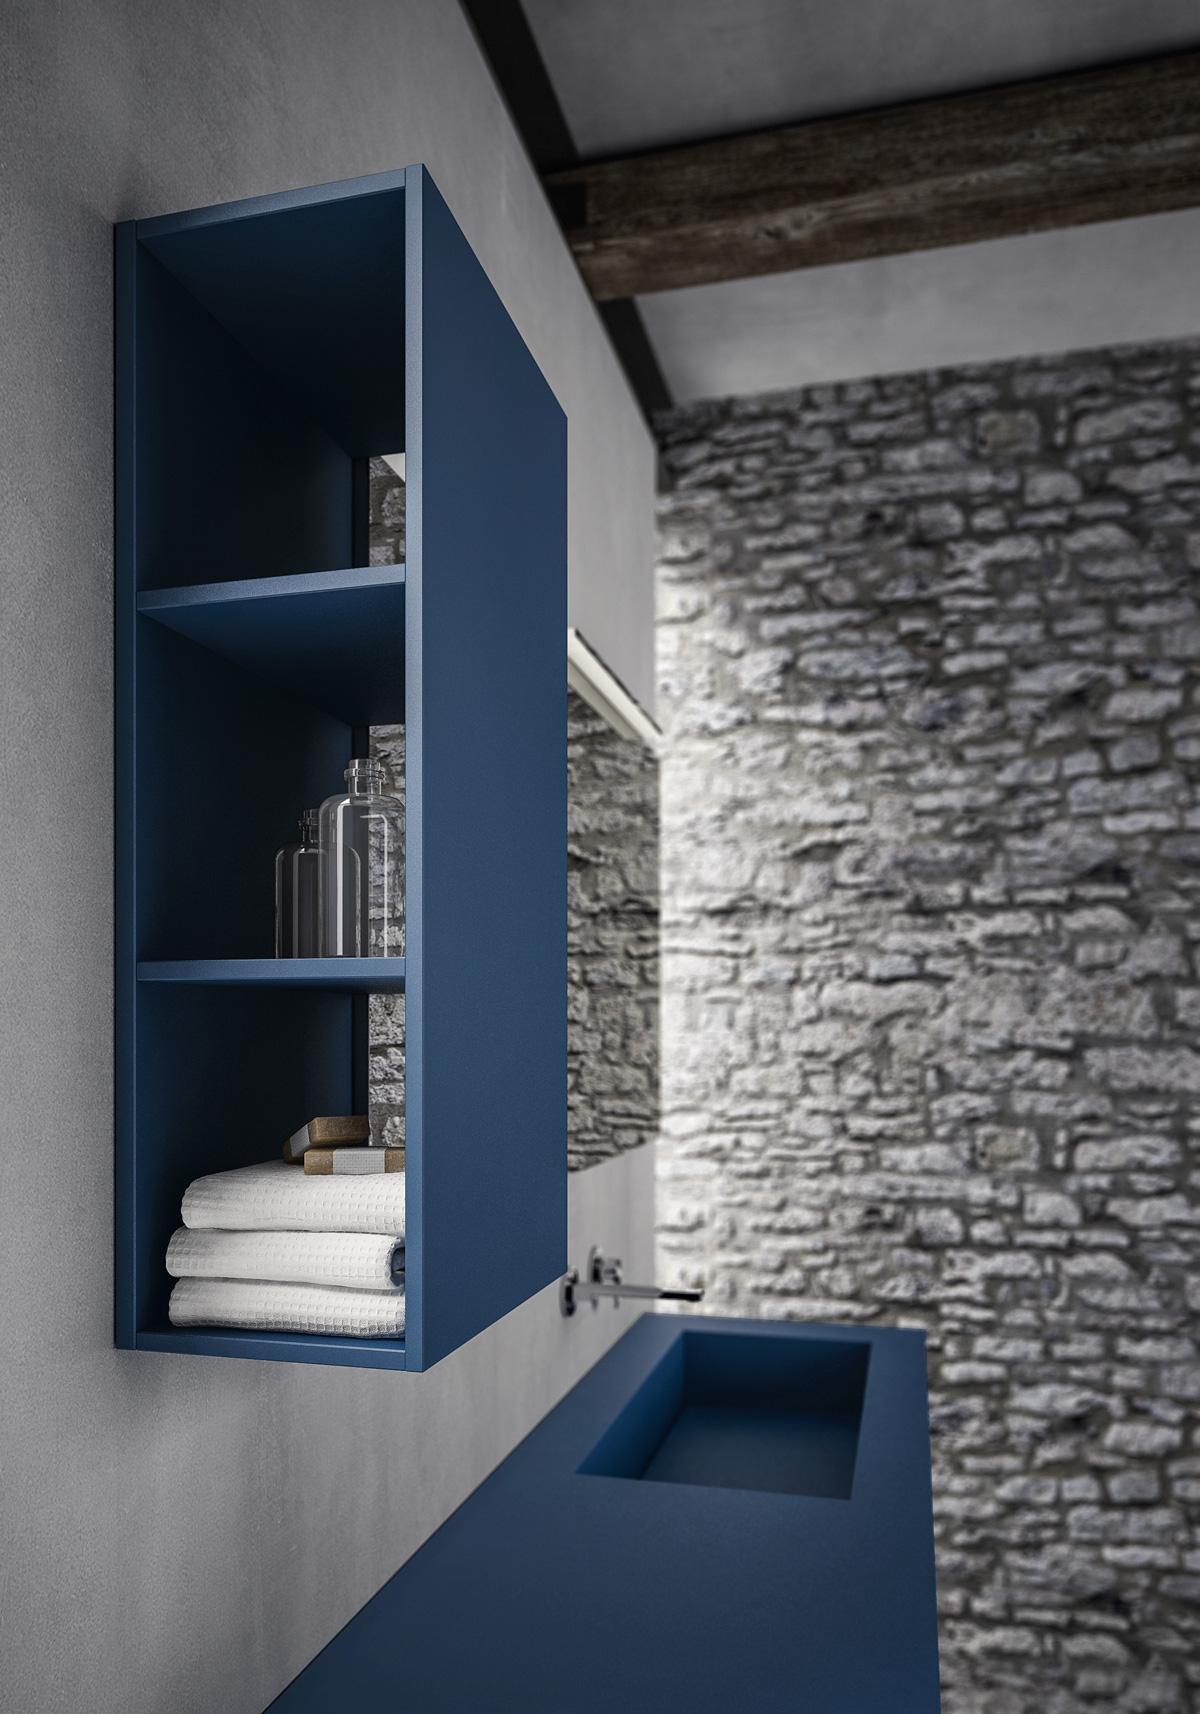 Come arredare il bagno con il blu e l\'azzurro - Ideagroup Blog